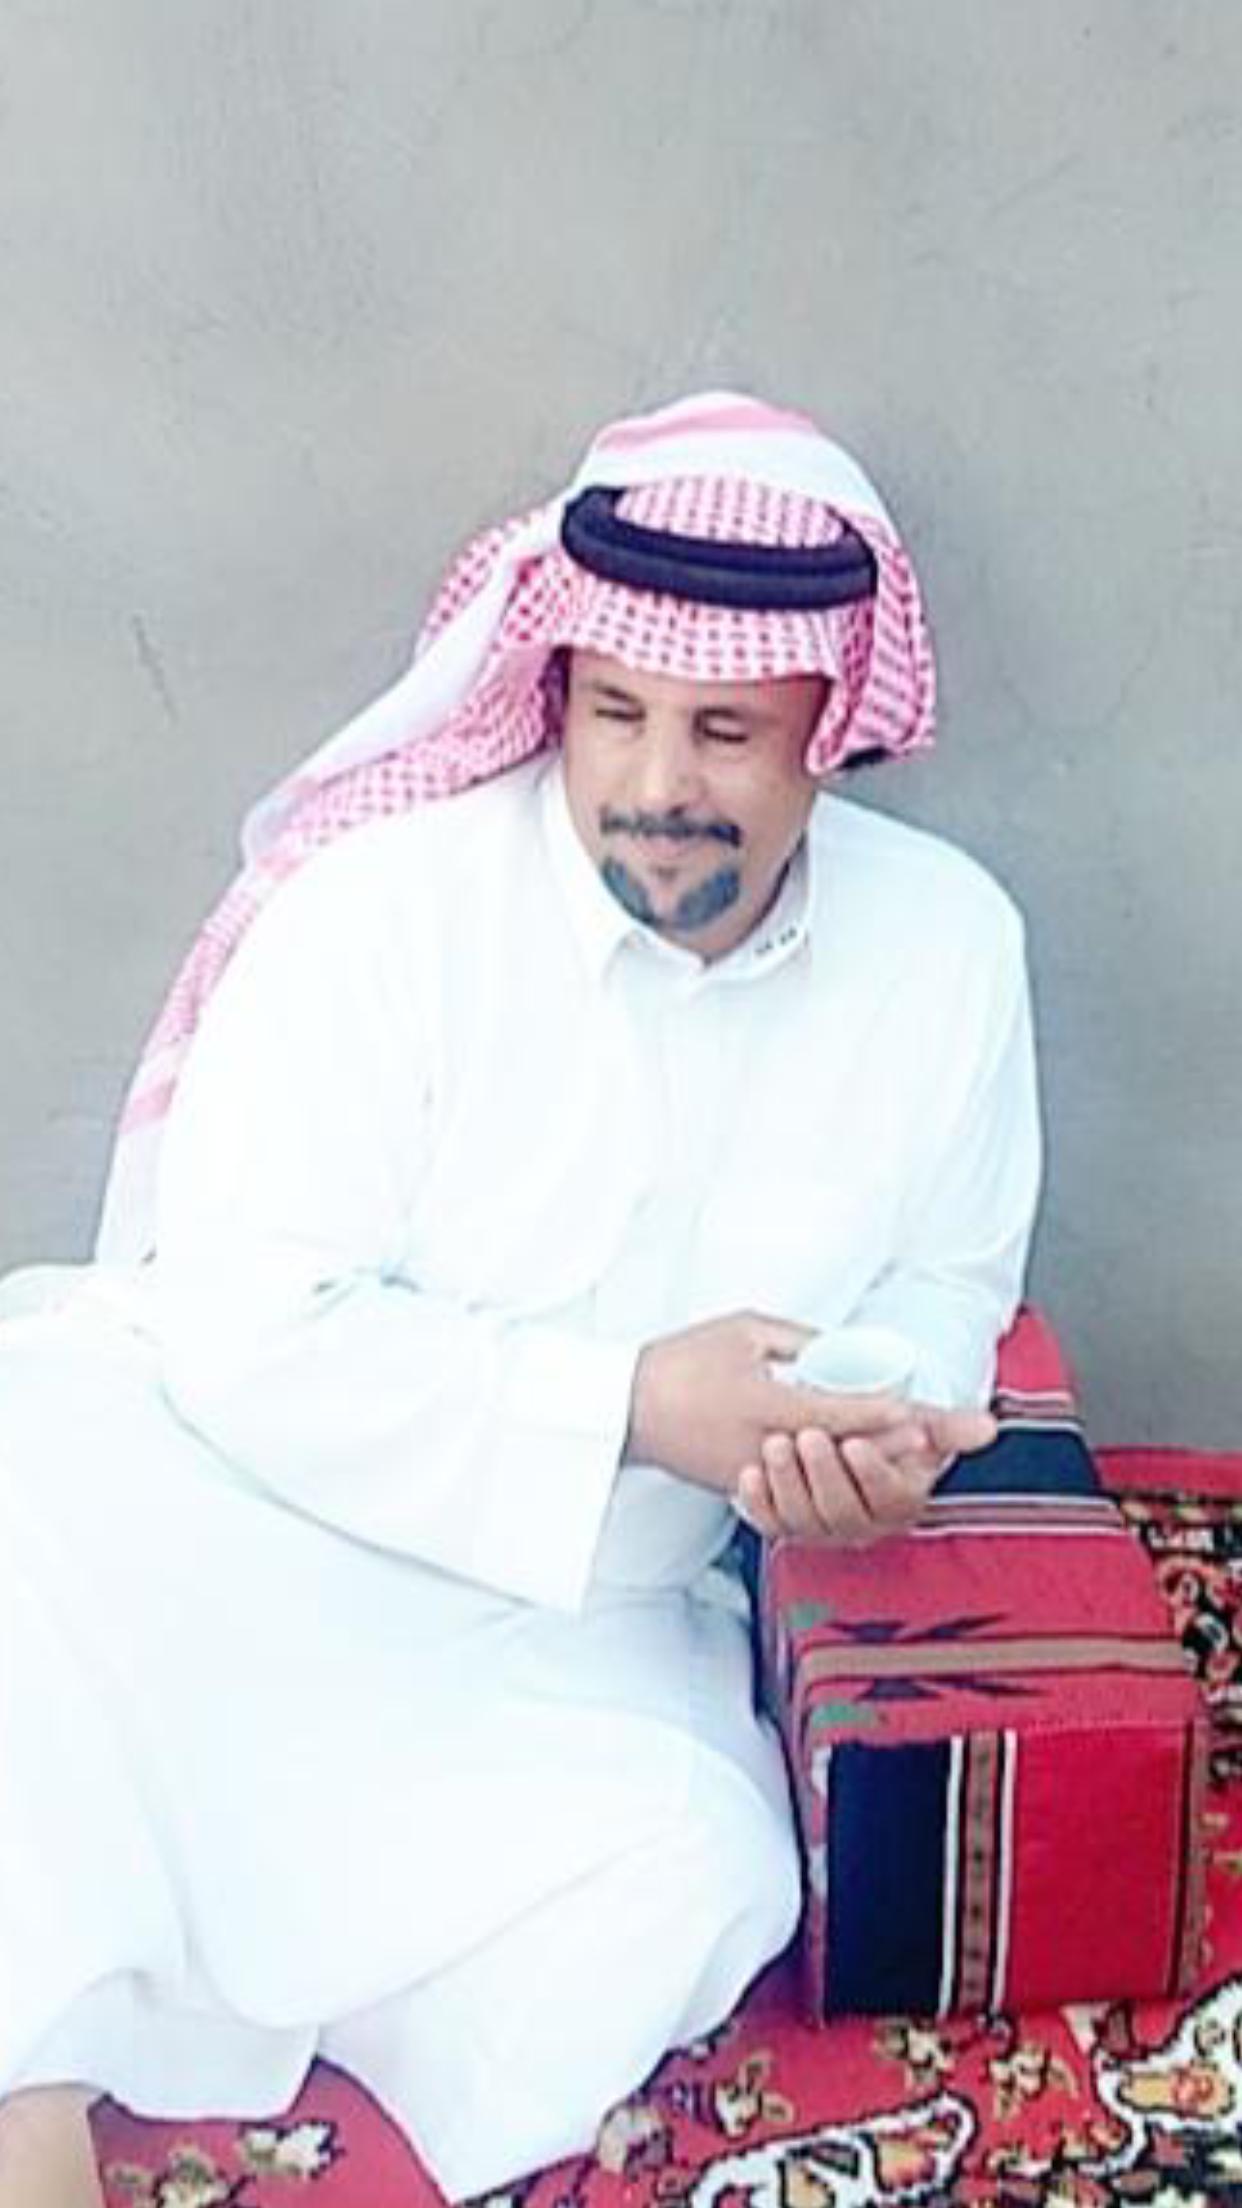 الشاب / حمدان فرج الجحم البلوي يحتفل بزواجه 915436D7 7BDE 454D B8C4 9D3AECECEB9B